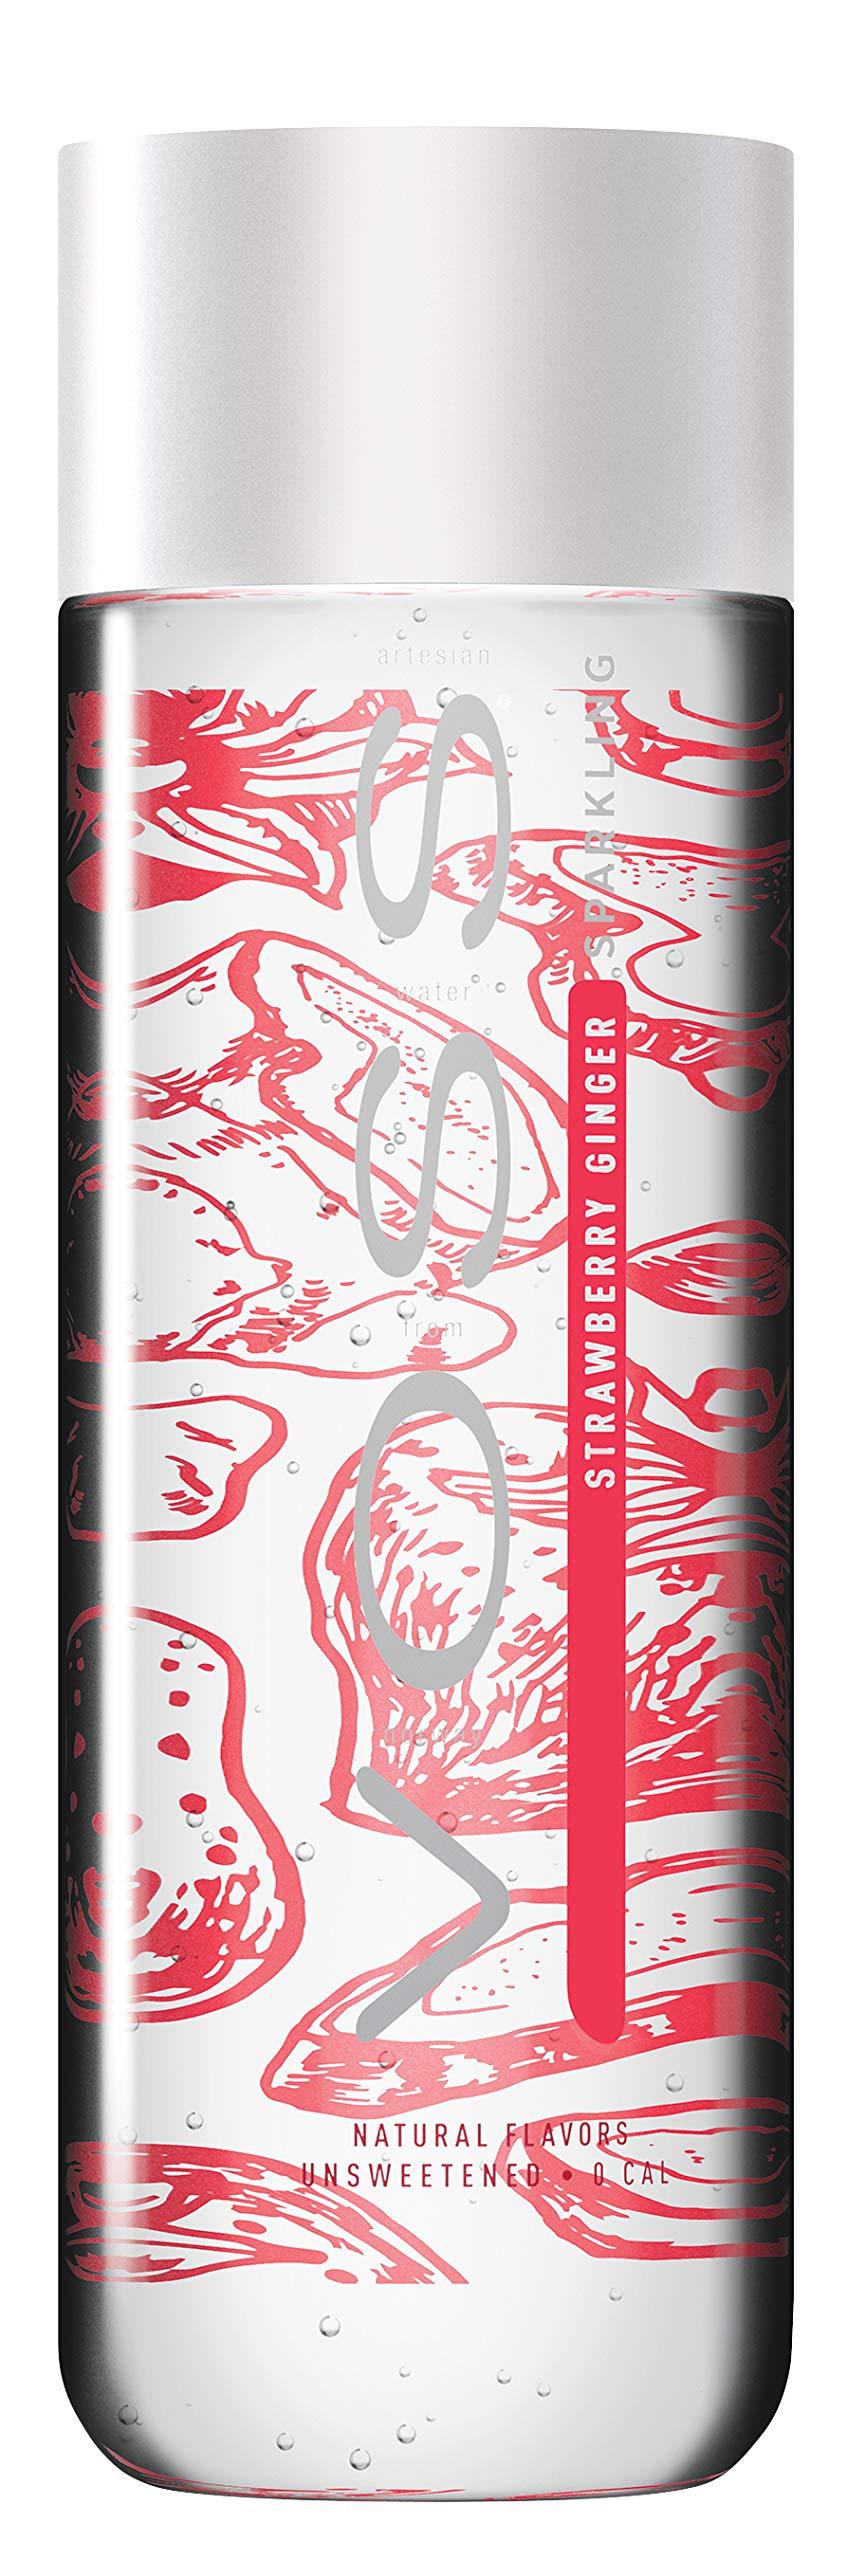 VOSS Artesian Sparkling Water, Strawberry Ginger, 330 ml Plastic Bottles (12 Count)